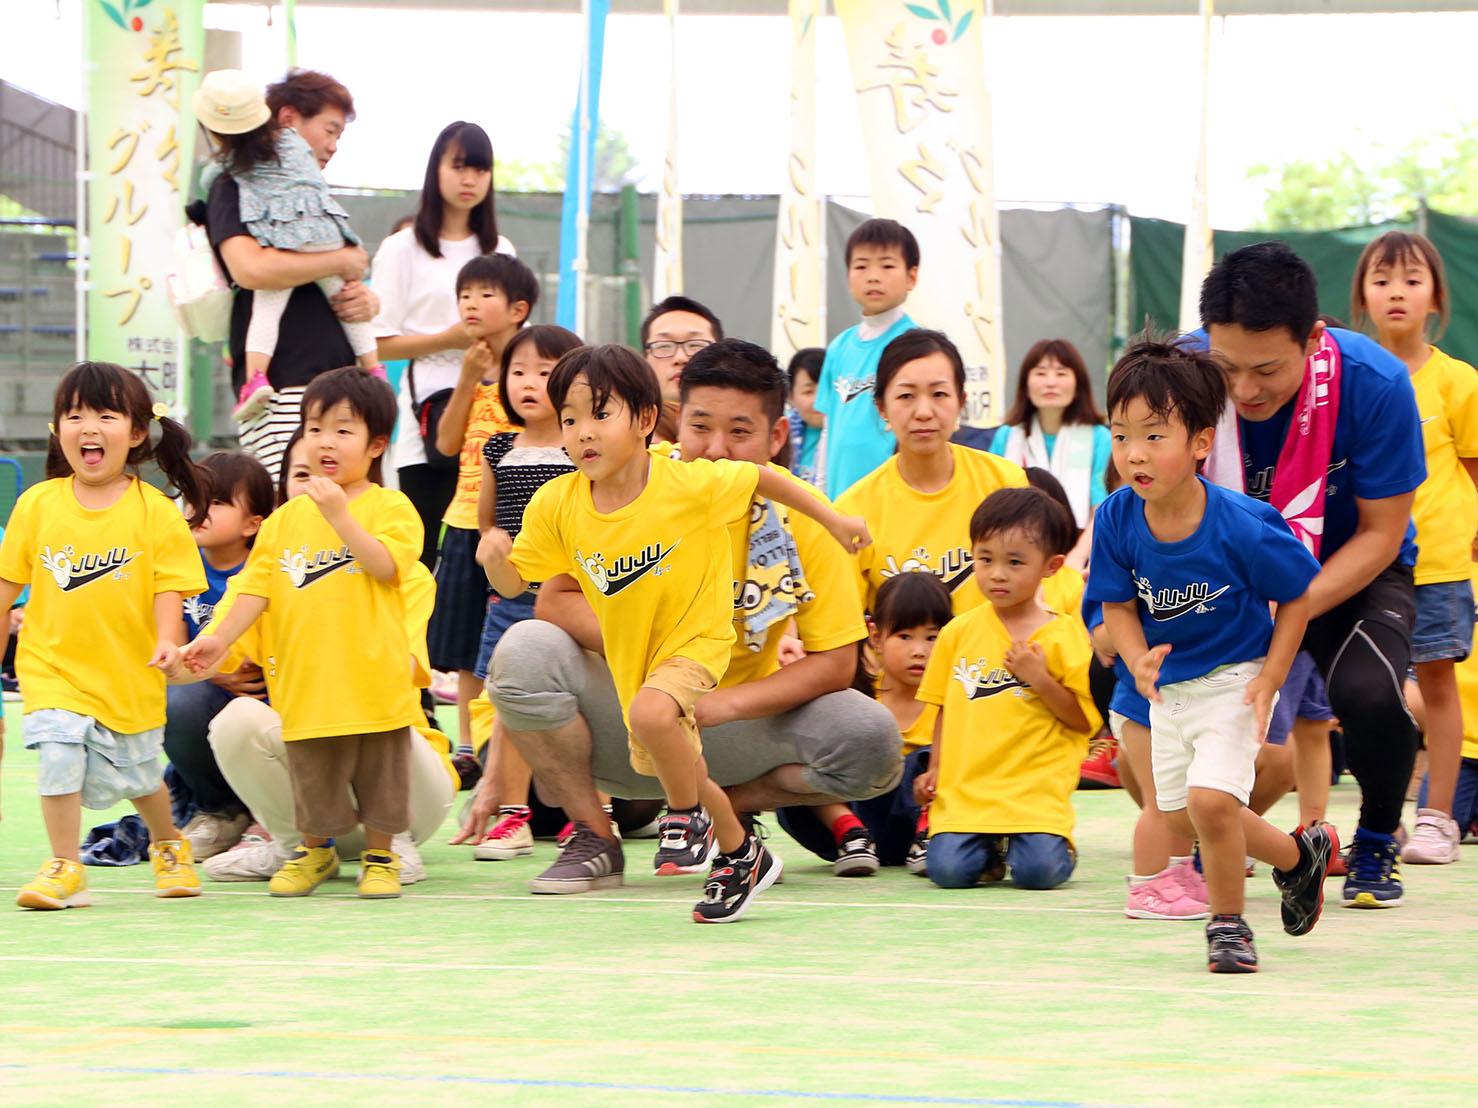 スポーツフェス子供